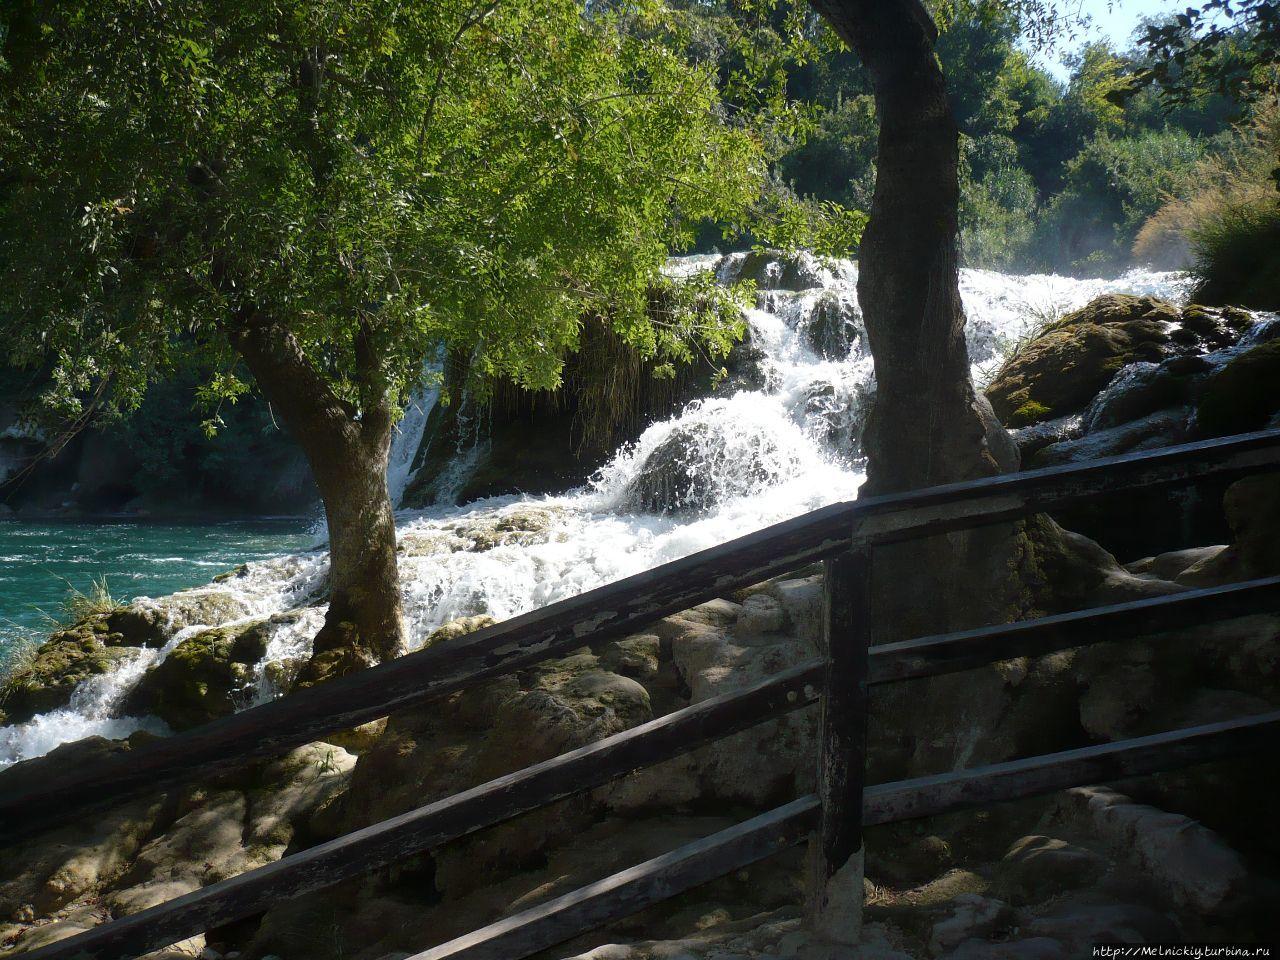 Феерия водопадов КРКА Национальный парк Крка, Хорватия